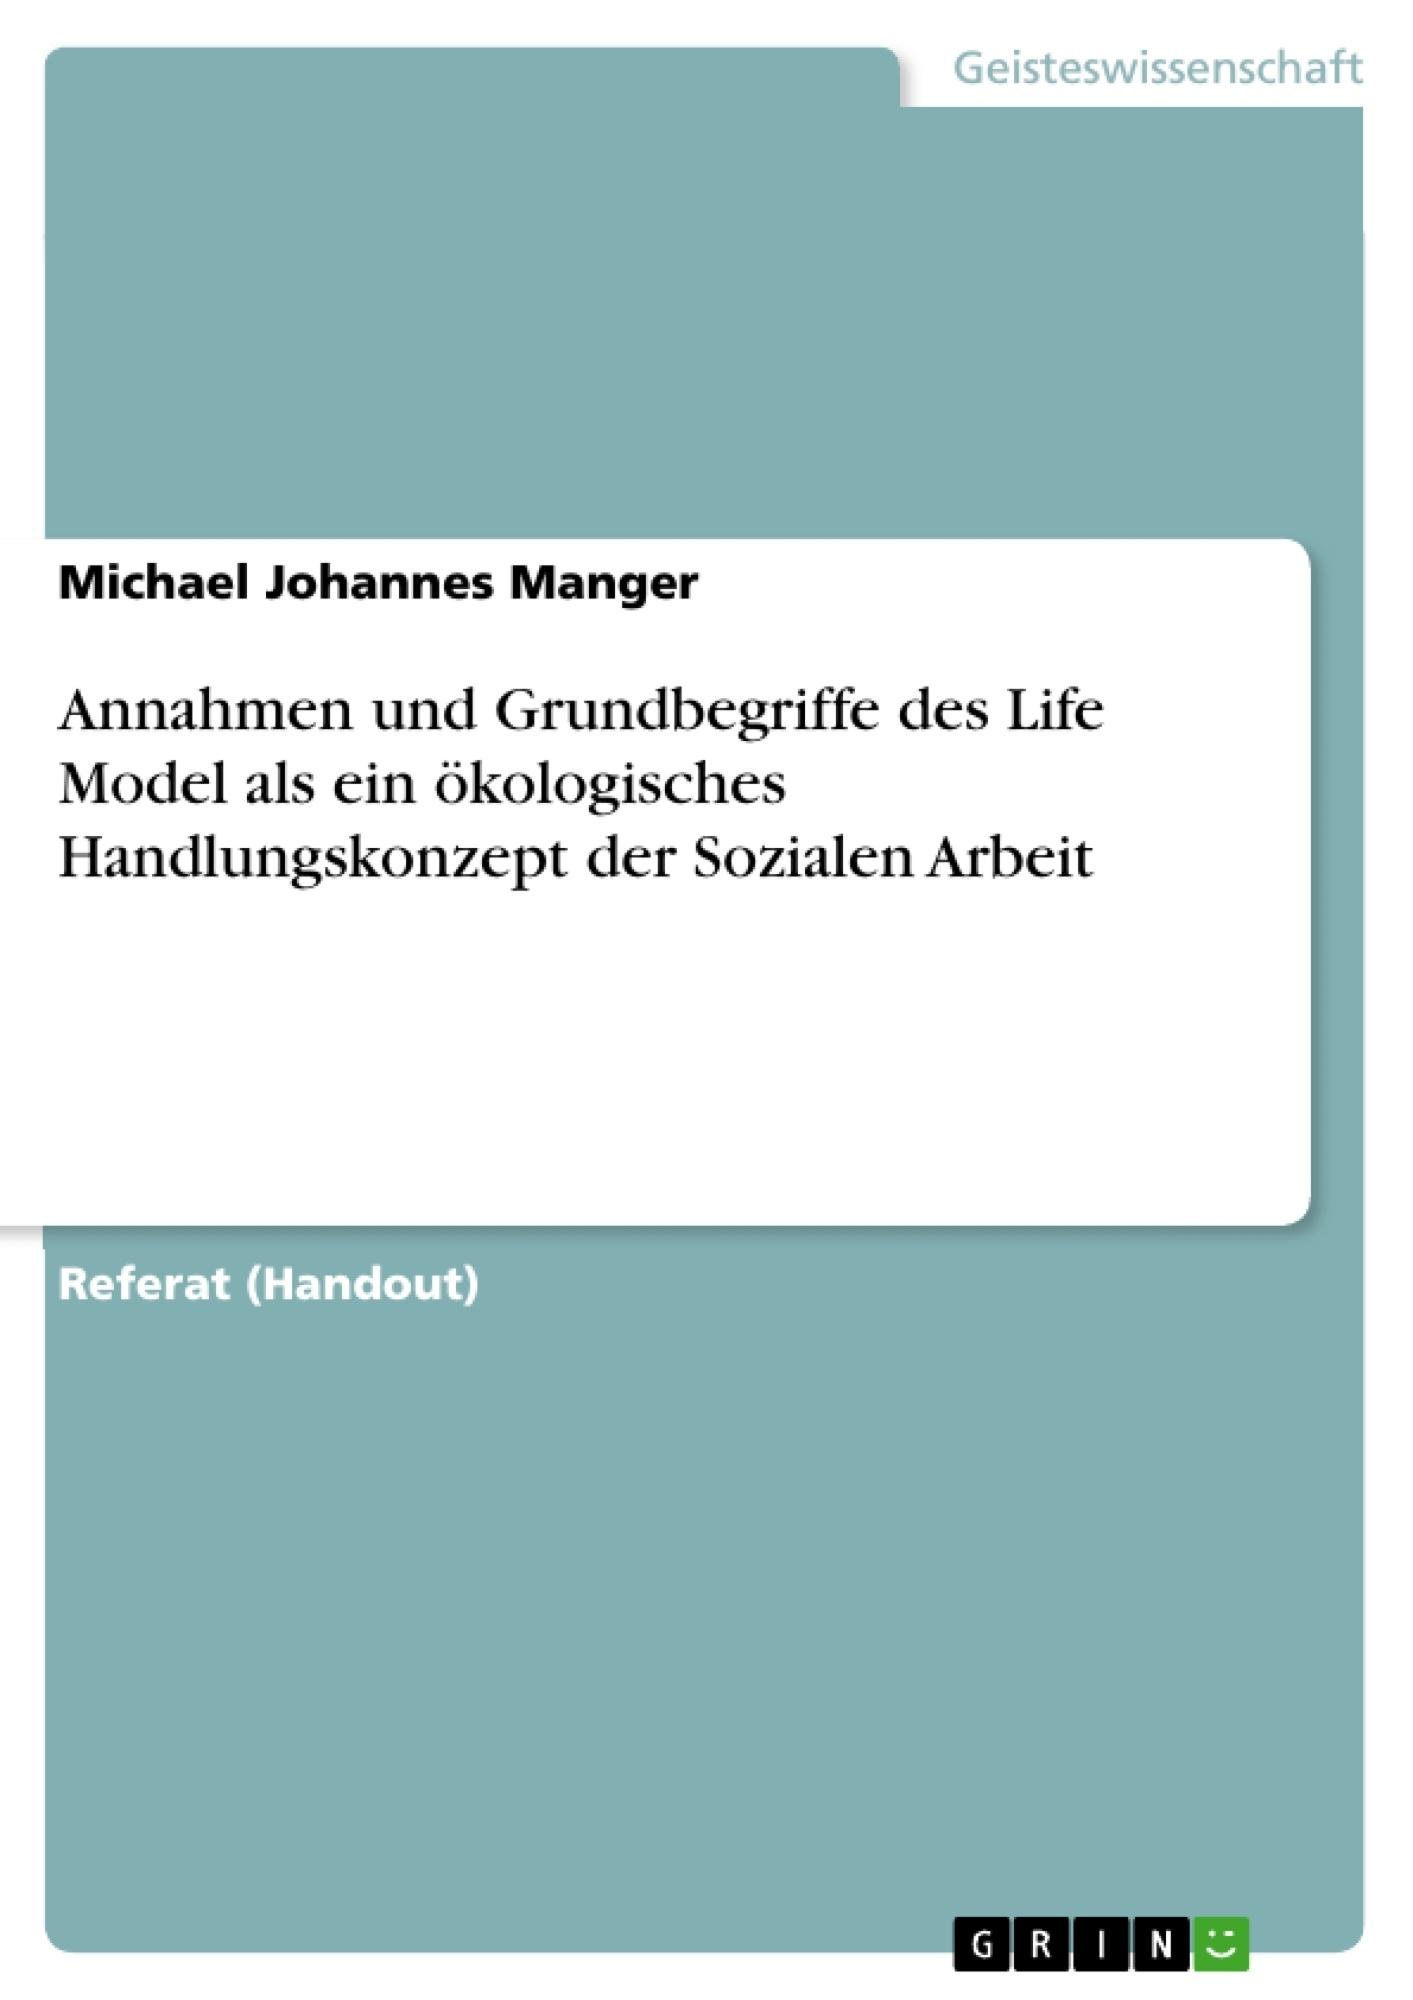 Titel: Annahmen und Grundbegriffe des Life Model als ein ökologisches Handlungskonzept der Sozialen Arbeit